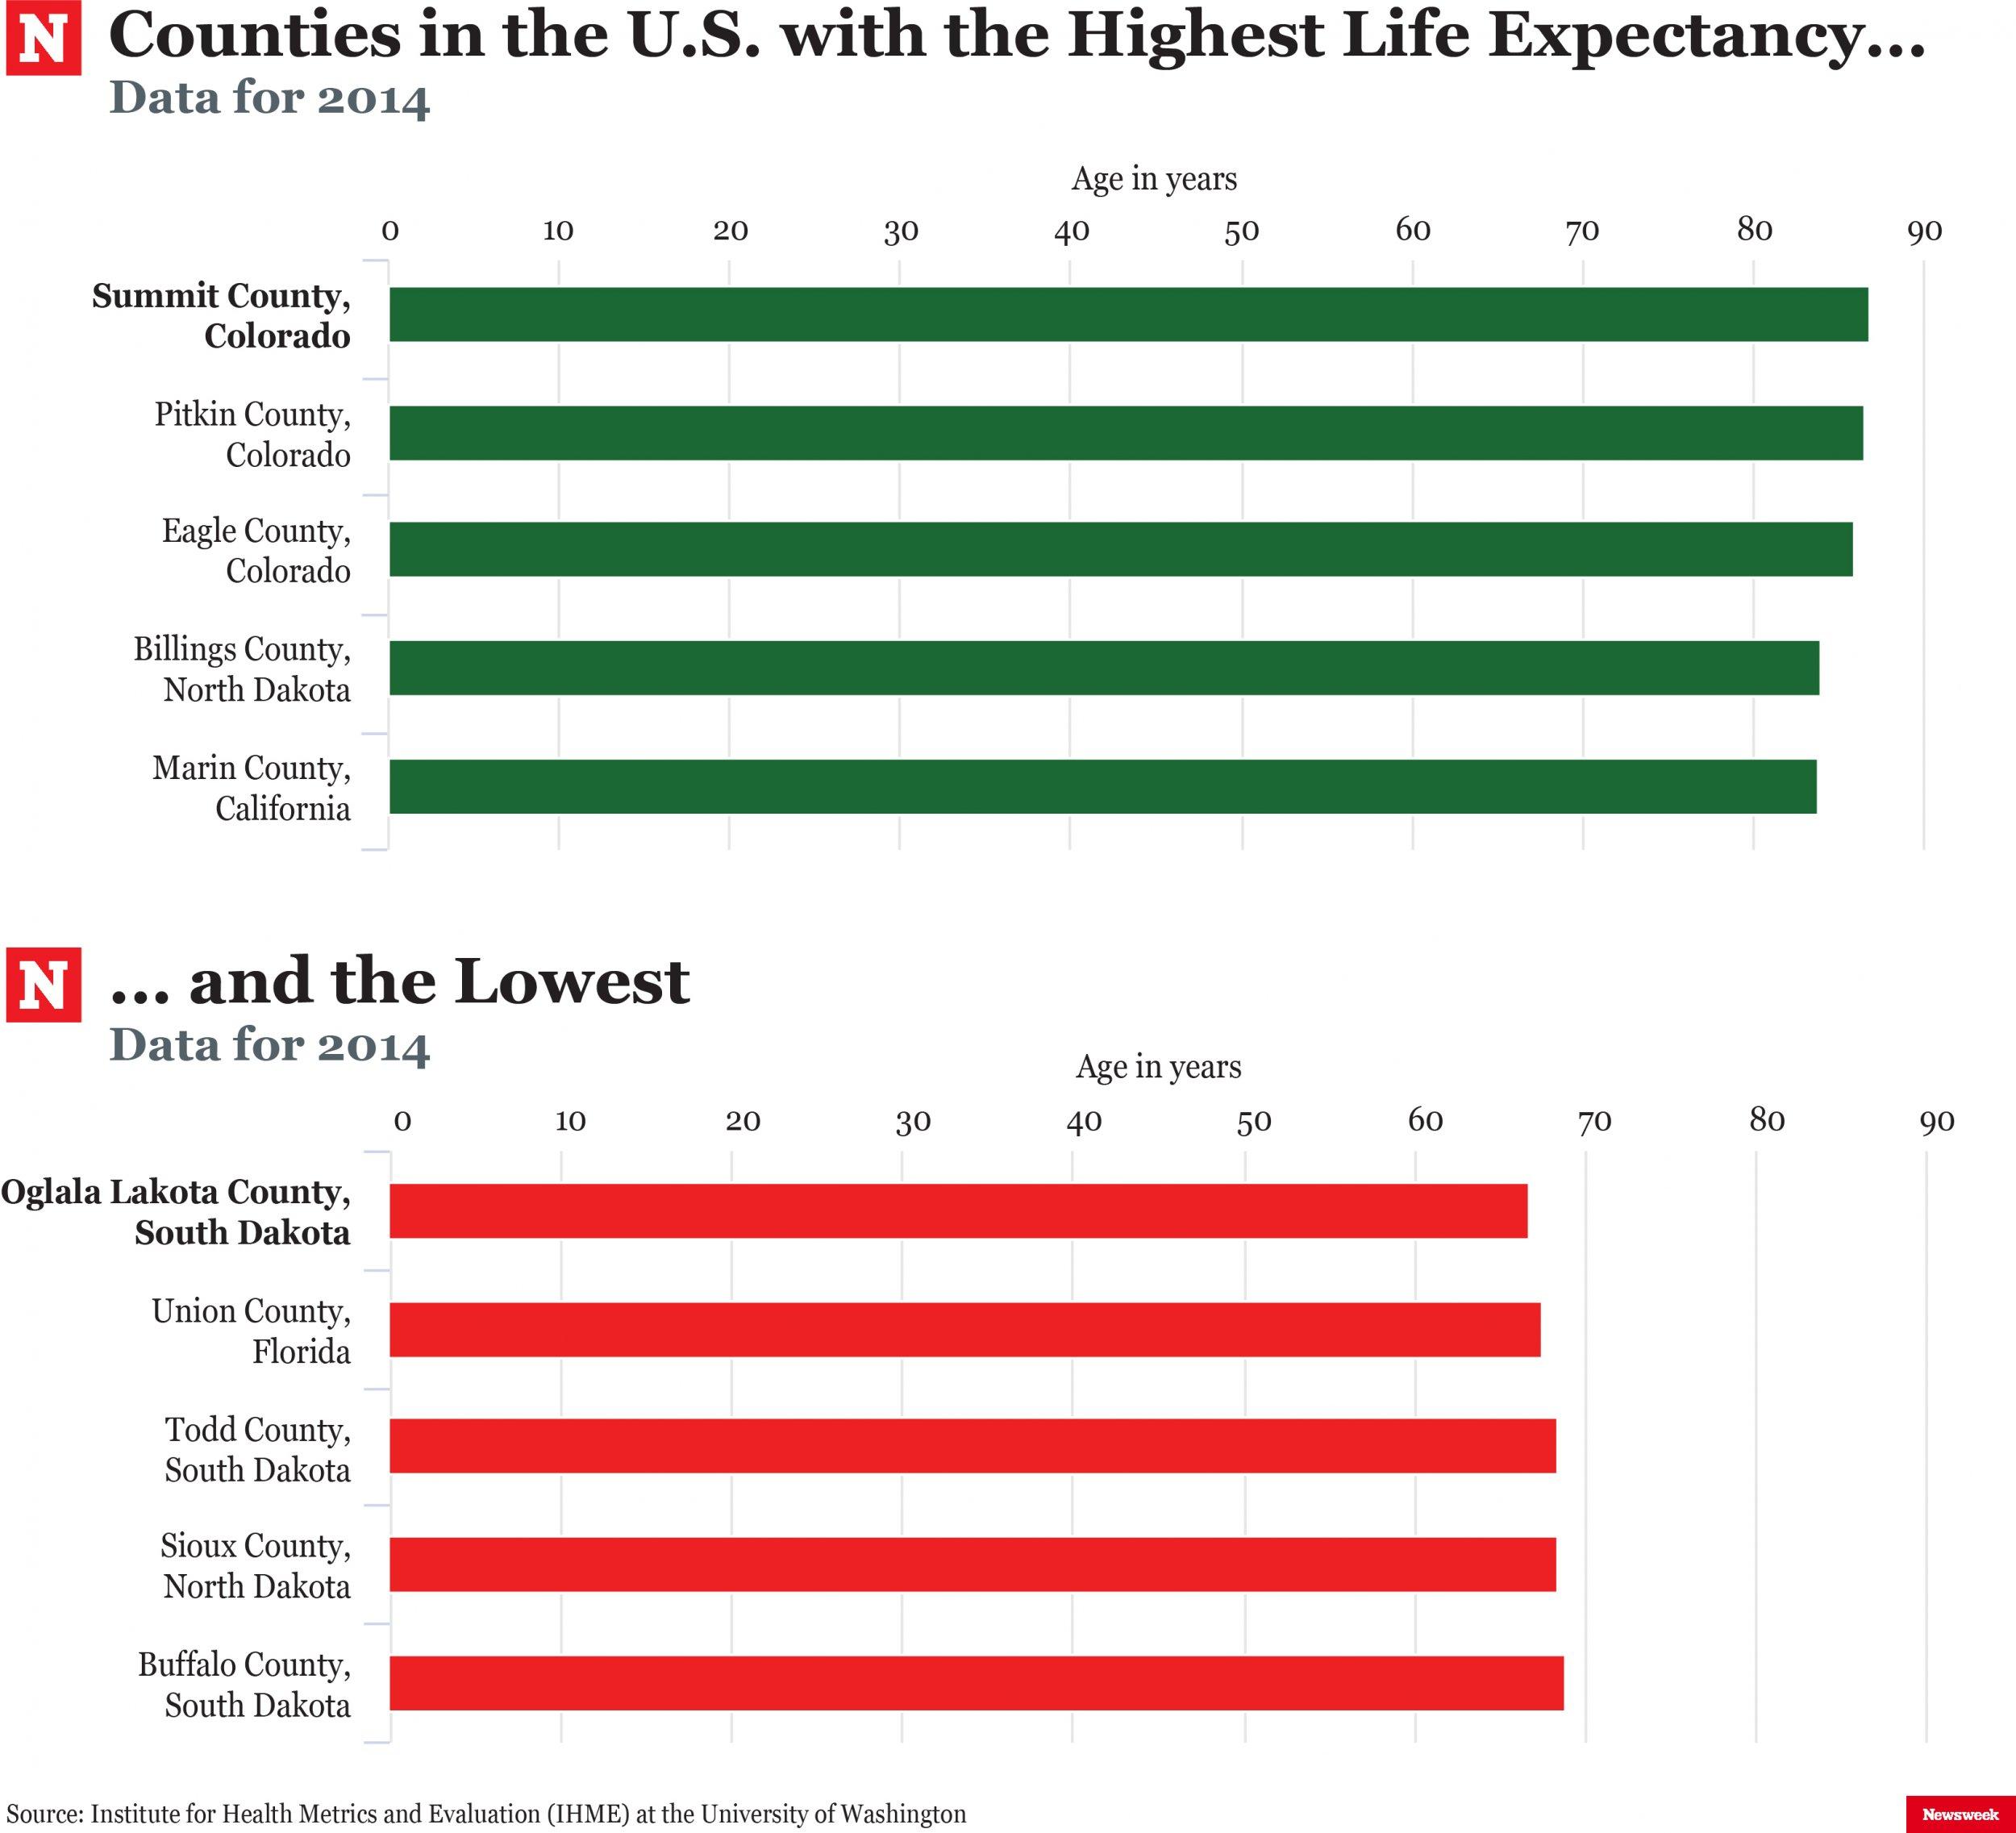 LifeExpectancyNW